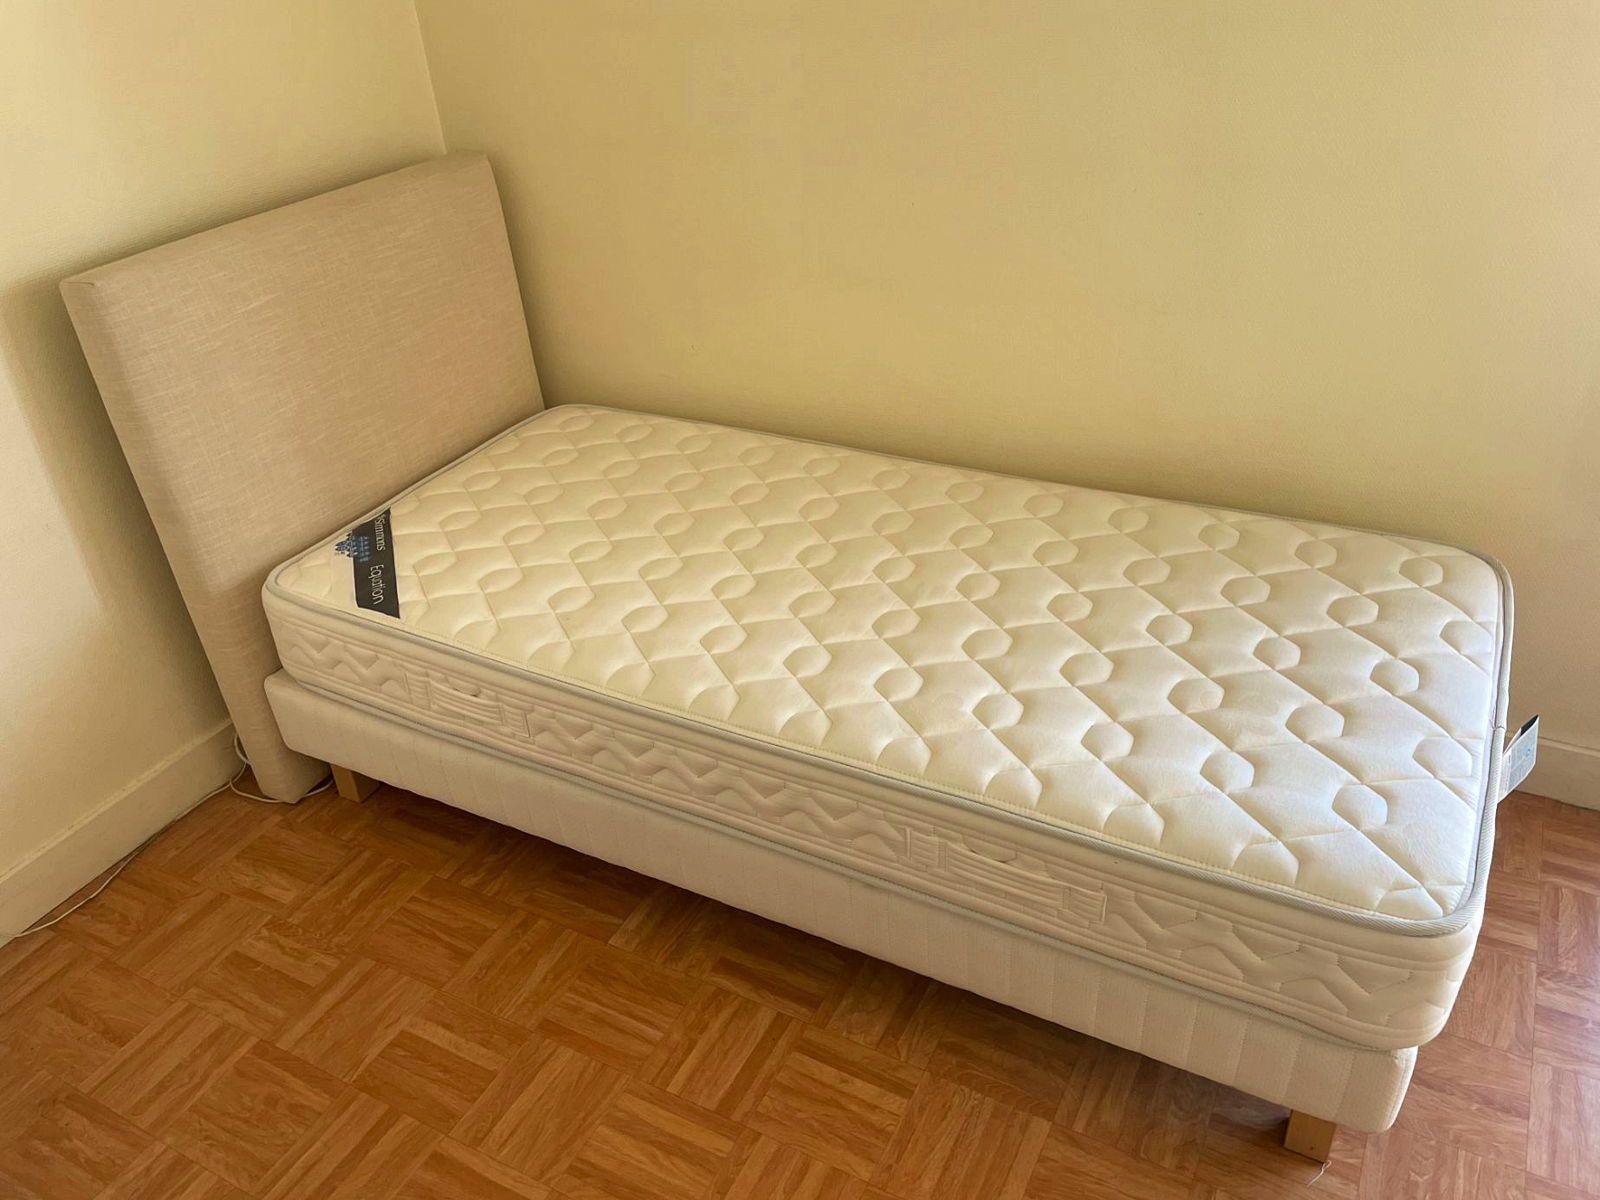 Vends lit une place (matelas Simmons + sommier + tête de lit)